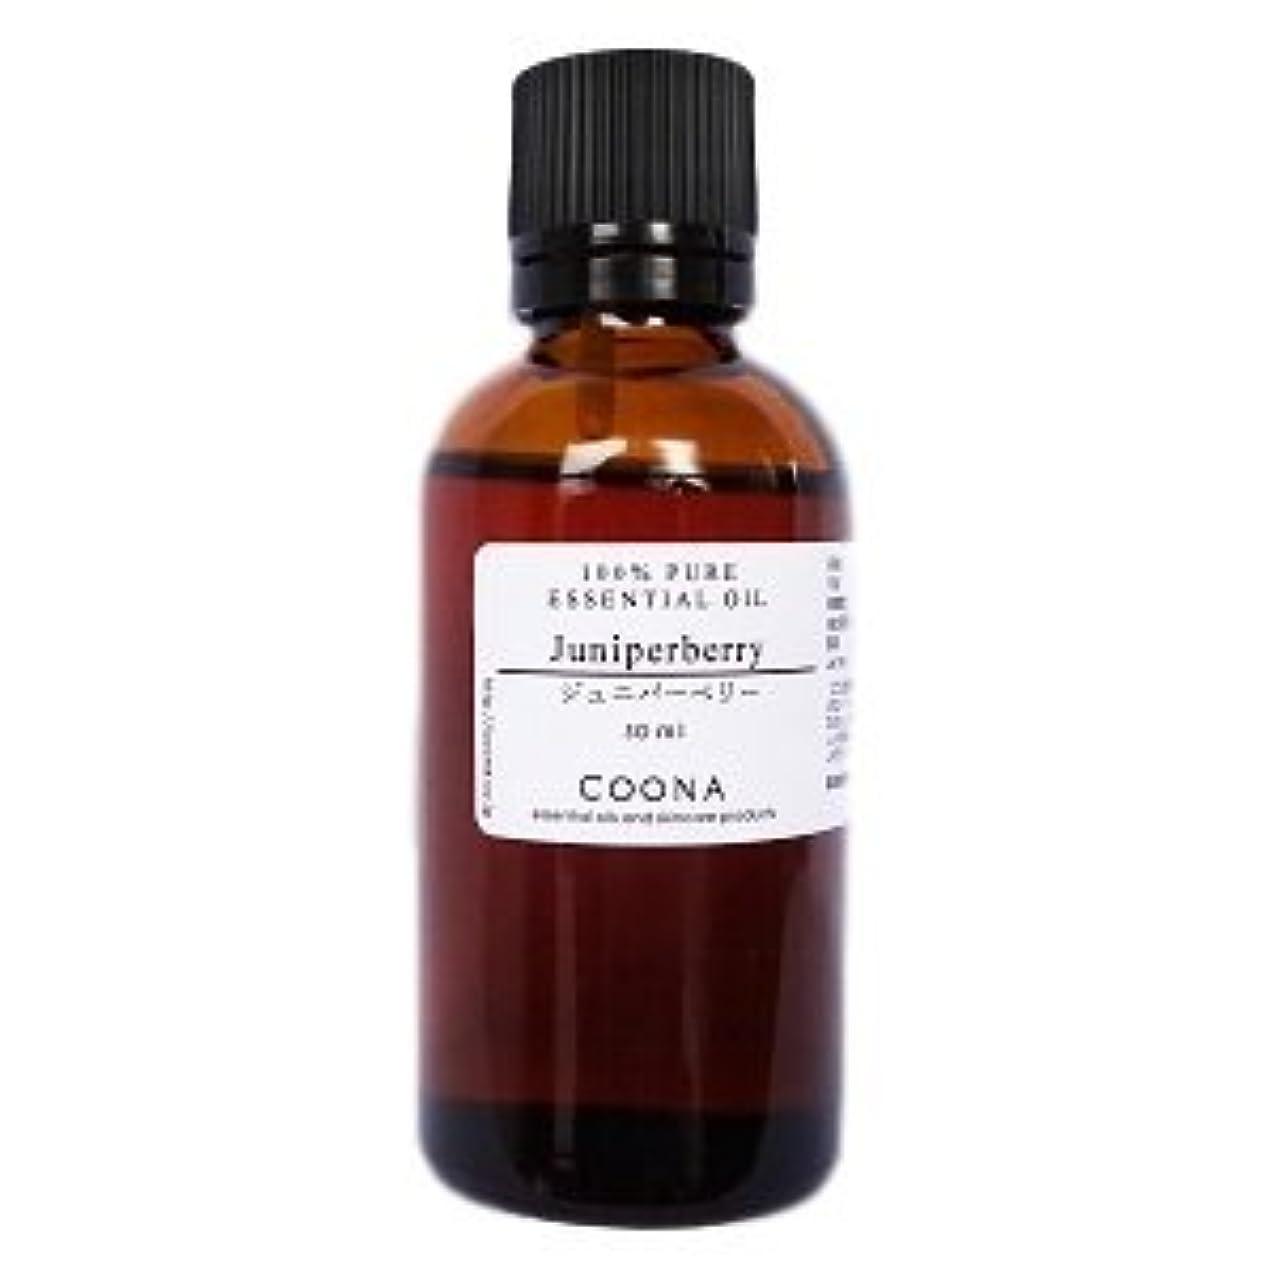 アラビア語断片低いジュニパーベリー 50 ml (COONA エッセンシャルオイル アロマオイル 100% 天然植物精油)